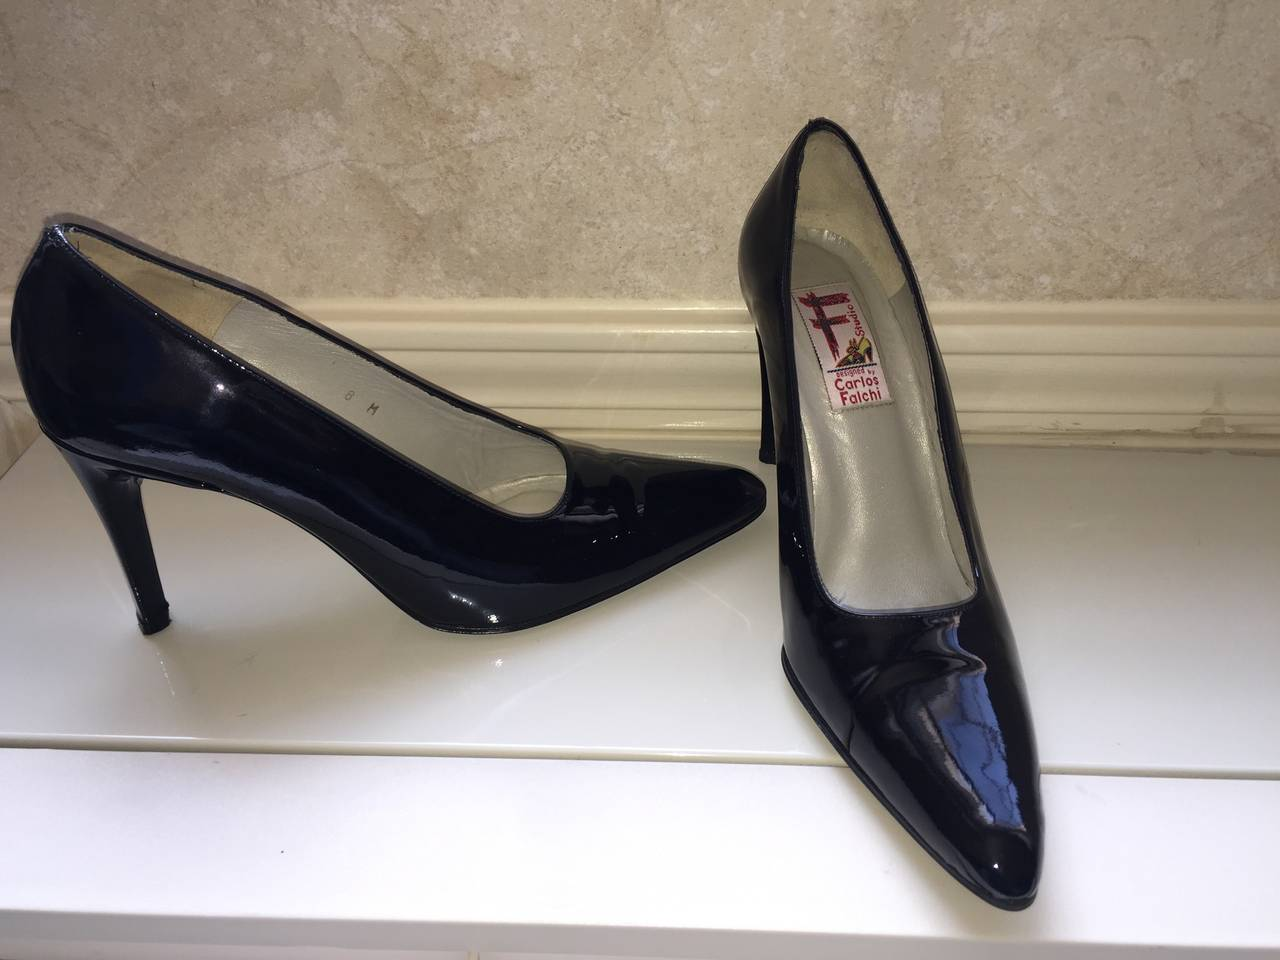 Women's Vintage Carlos Falchi Classic Black Patent Leather Pumps / Heels / Shoes Size 8 For Sale